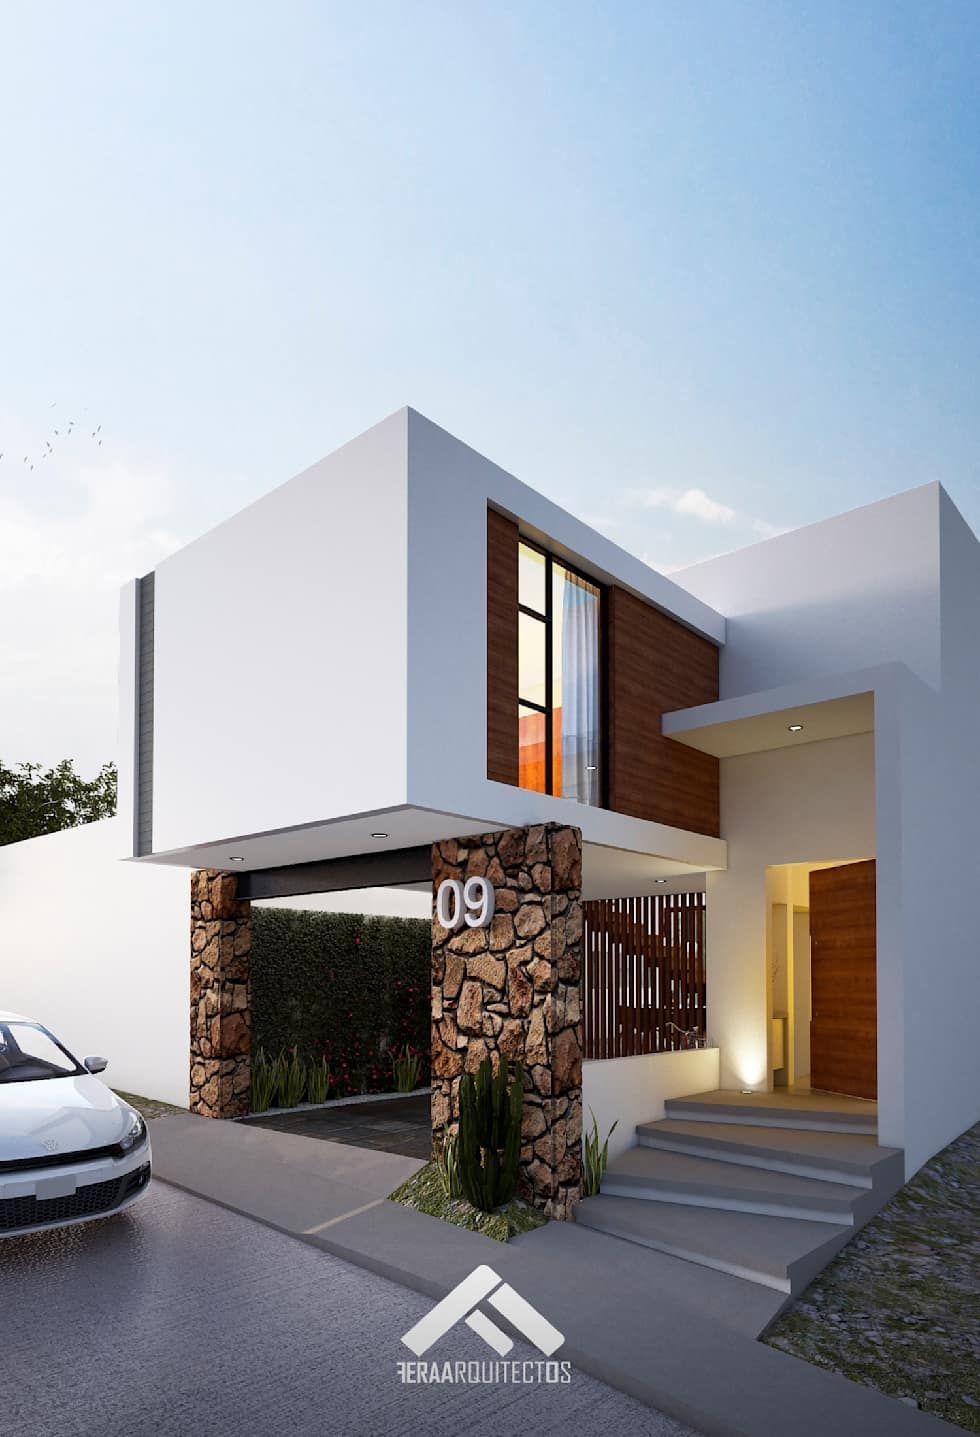 Fachada principal casas de estilo por feraarquitectos en for Fachada de casas modernas y bonitas